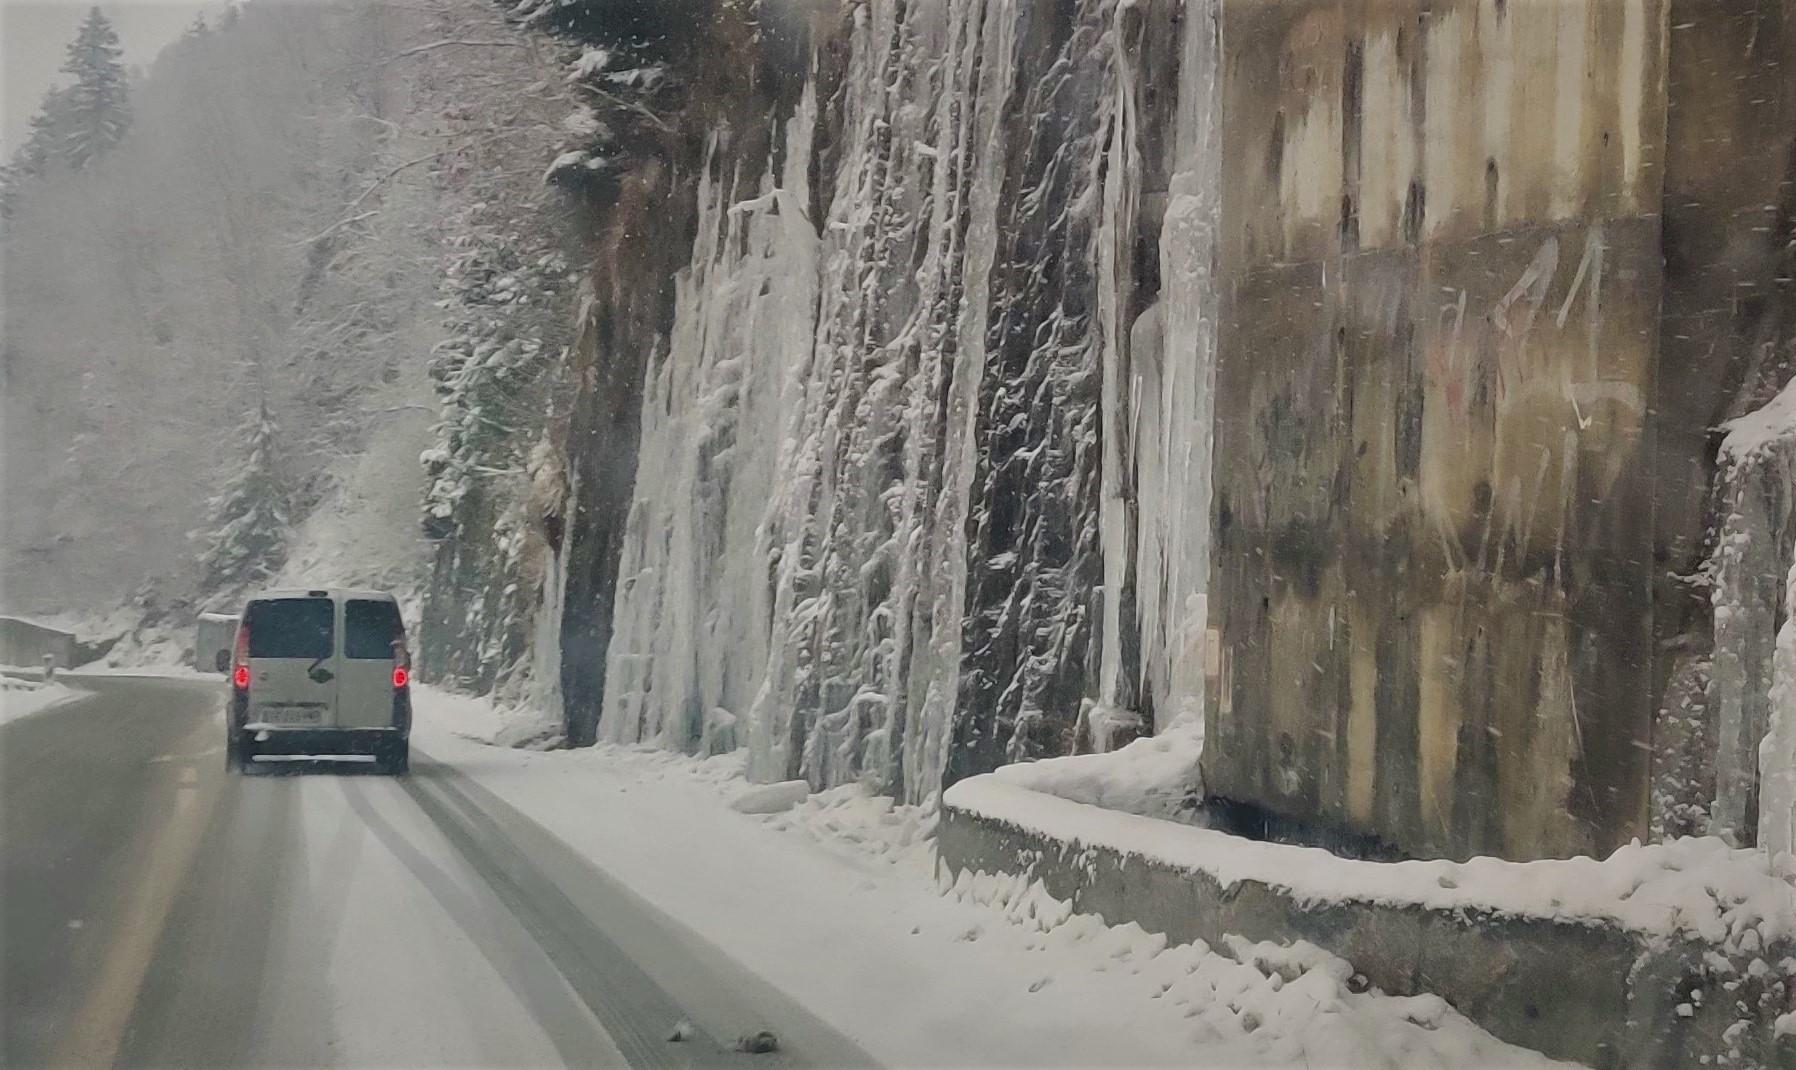 Urbex France patrimoine industriel Oisans hiver neige route montagne